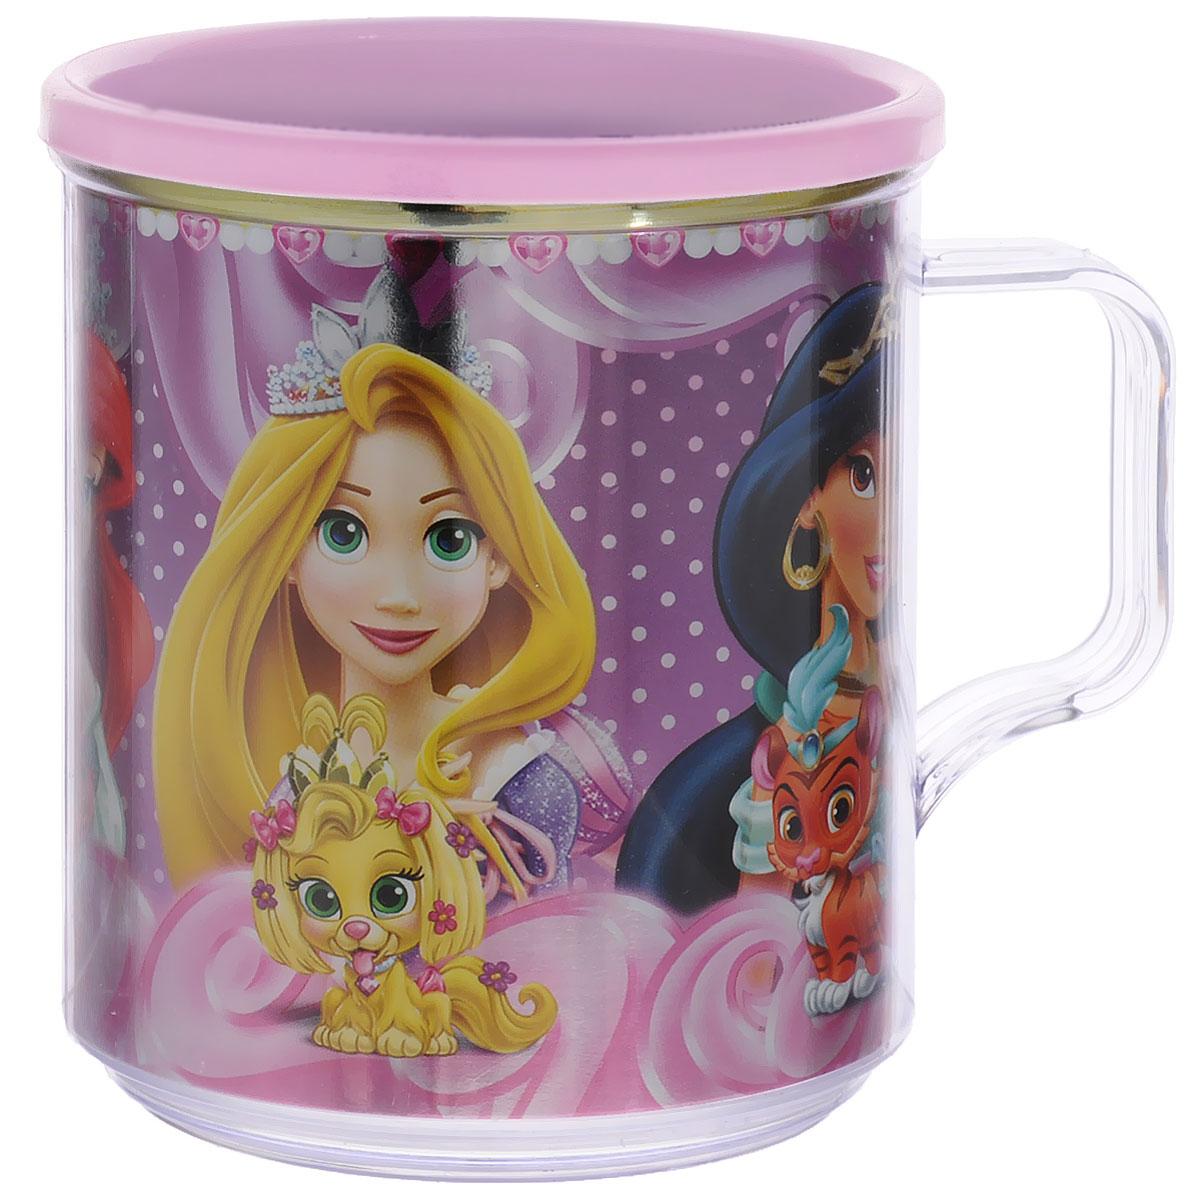 Disney Термокружка детская Принцессы Королевские питомцы цвет розовый 350 млС25-П5_розовыйДвустенная термокружка Принцессы. Королевские питомцы от Disney станет отличным подарком для малыша. Термокружка позволит длительное время сохранять напиток теплым, а яркое металлизированное изображение знаменитых диснеевских принцесс с их домашними любимцами поднимет настроение и детям, и взрослым. Объем кружки: 350 мл. Не подходит для использования в посудомоечной машине и СВЧ-печи.